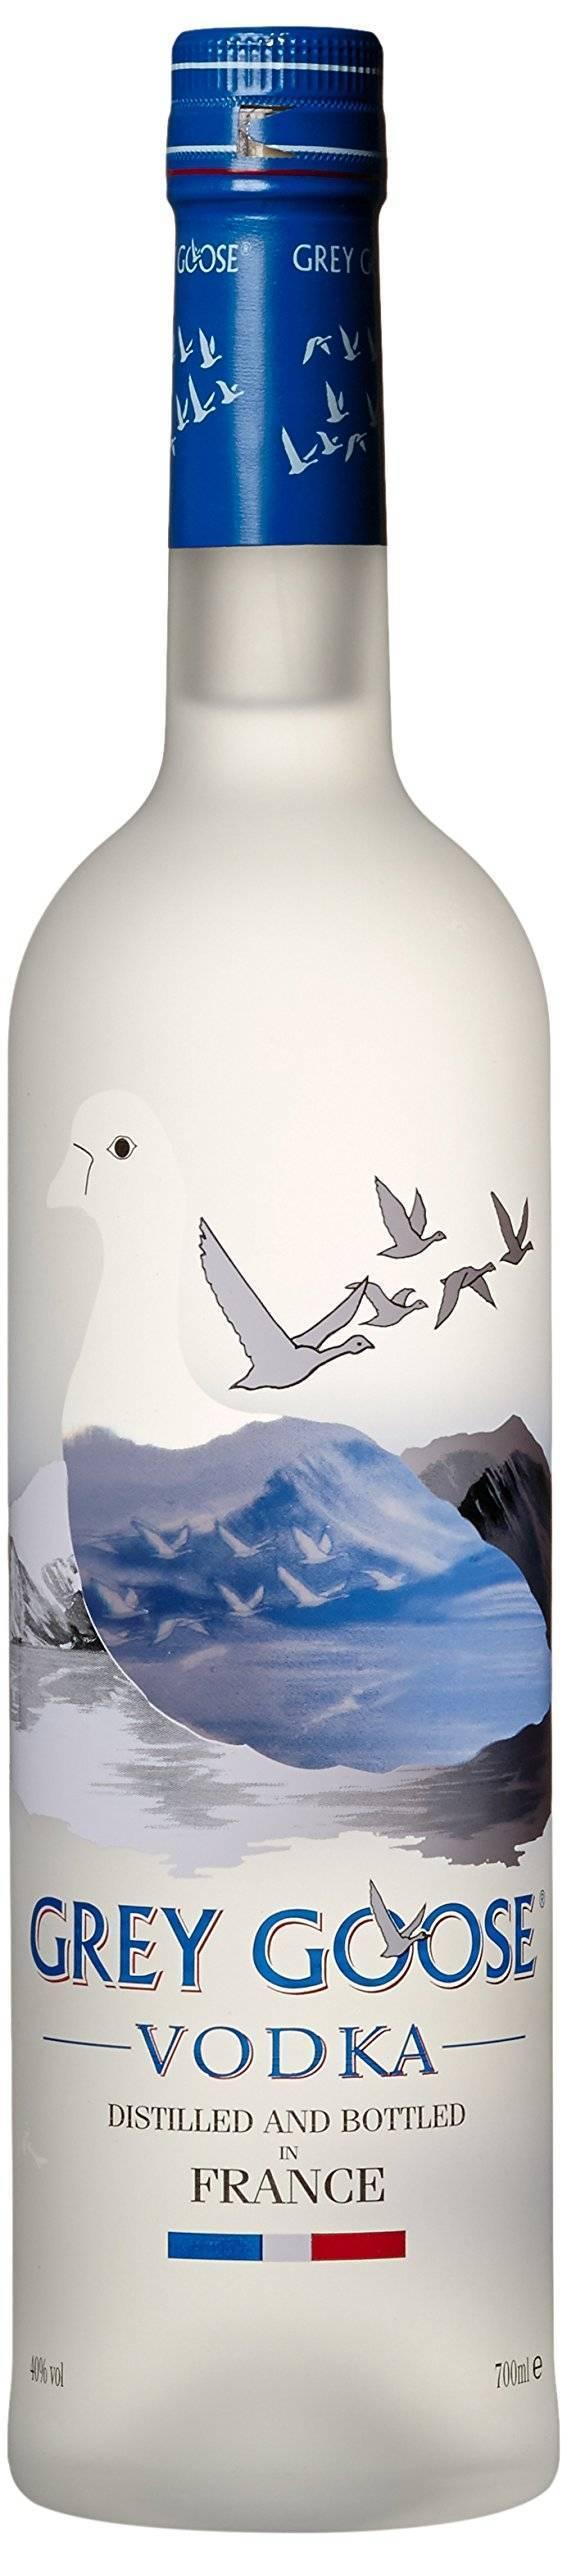 Водка grey goose (грей гус): по какой цене можно купить один из самых совершенных по технологии изготовления алкогольных напитков высшего класса, что говорят о нем покупатели